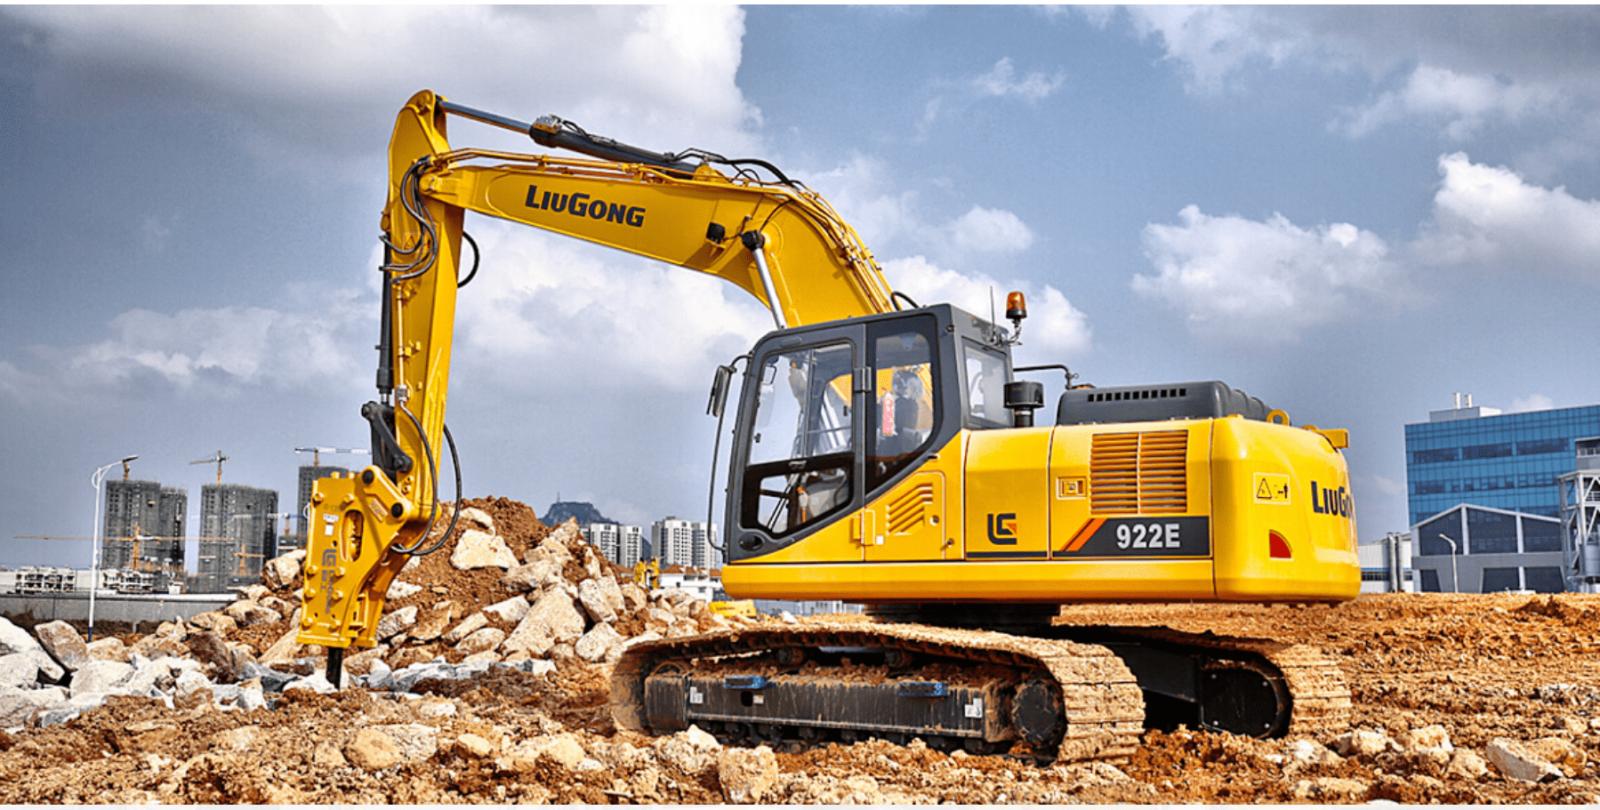 Xúc đào LiuGong CLG922E